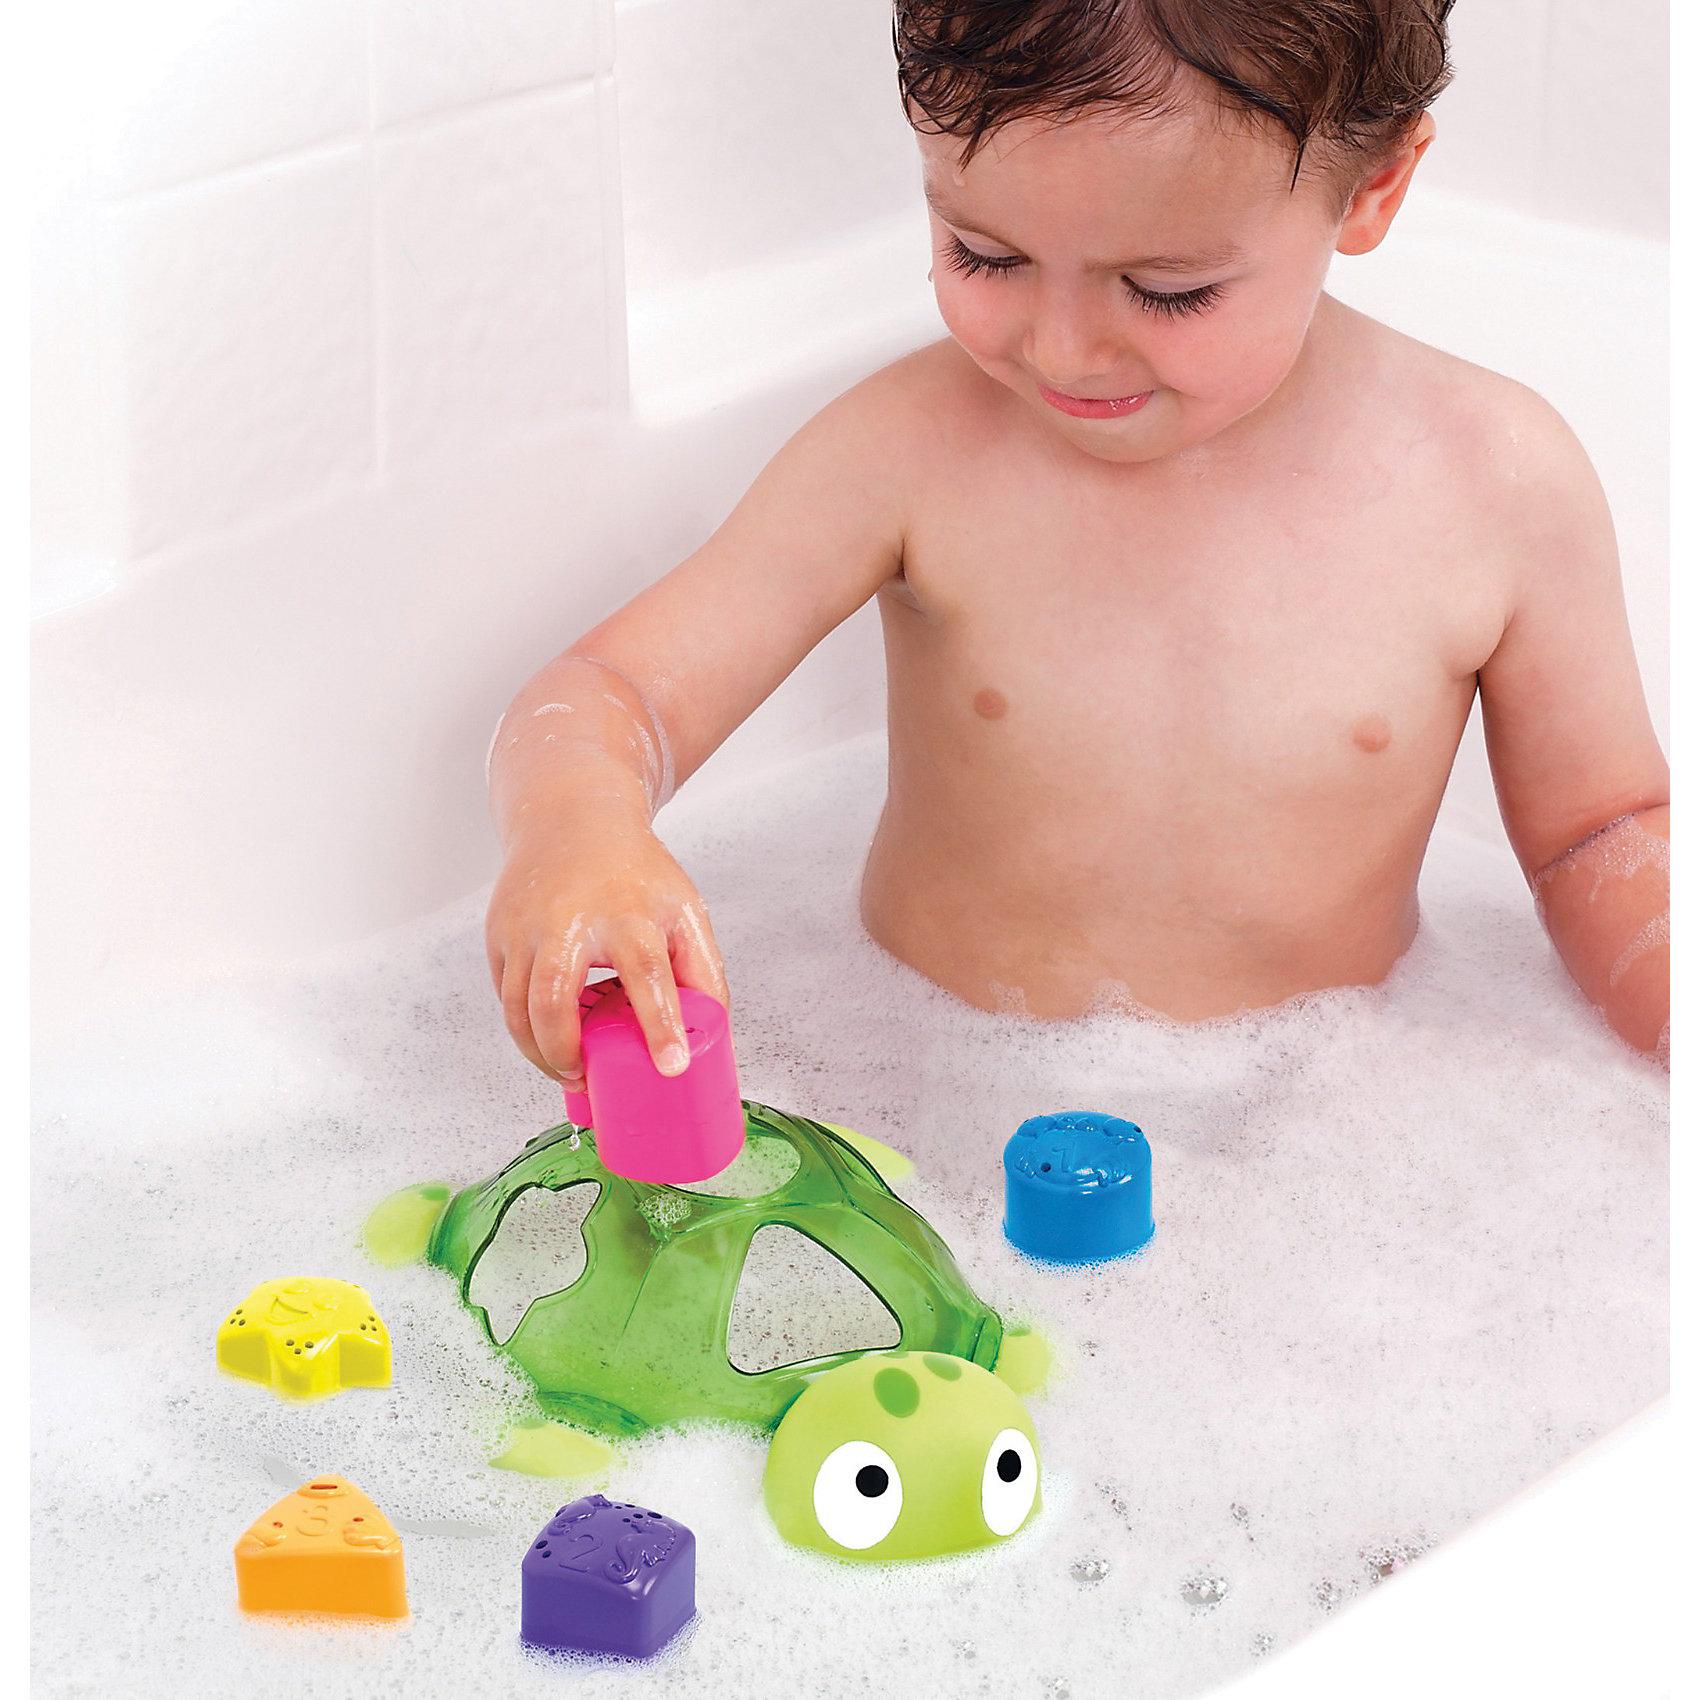 Игрушка для ванной Черепаха от 12мес, MunchkinТеперь малыши могут изучать цвет, форму, цифры с игрушкой - сортировкой во время купания, черпая, наливая, переливая воду с помощью плавающей черепахи и 5 формочек-стаканчиков разных цветов от Munchkin. Для каждой из формочек есть соответствующее отверстие в панцире черепахи.<br><br>Дополнительная информация:&#13;<br>&#13;<br>- Материал: пластик&#13;<br>- Размеры: 17.5 х 25.5 х 7.5 см&#13;<br>- В комплекте: черепаха и 5 формочек-стаканчиков<br><br>Игрушку для ванной Черепаха от 12мес, Munchkin можно купить в нашем магазине.<br><br>Ширина мм: 120<br>Глубина мм: 185<br>Высота мм: 295<br>Вес г: 376<br>Возраст от месяцев: 12<br>Возраст до месяцев: 48<br>Пол: Унисекс<br>Возраст: Детский<br>SKU: 3717344